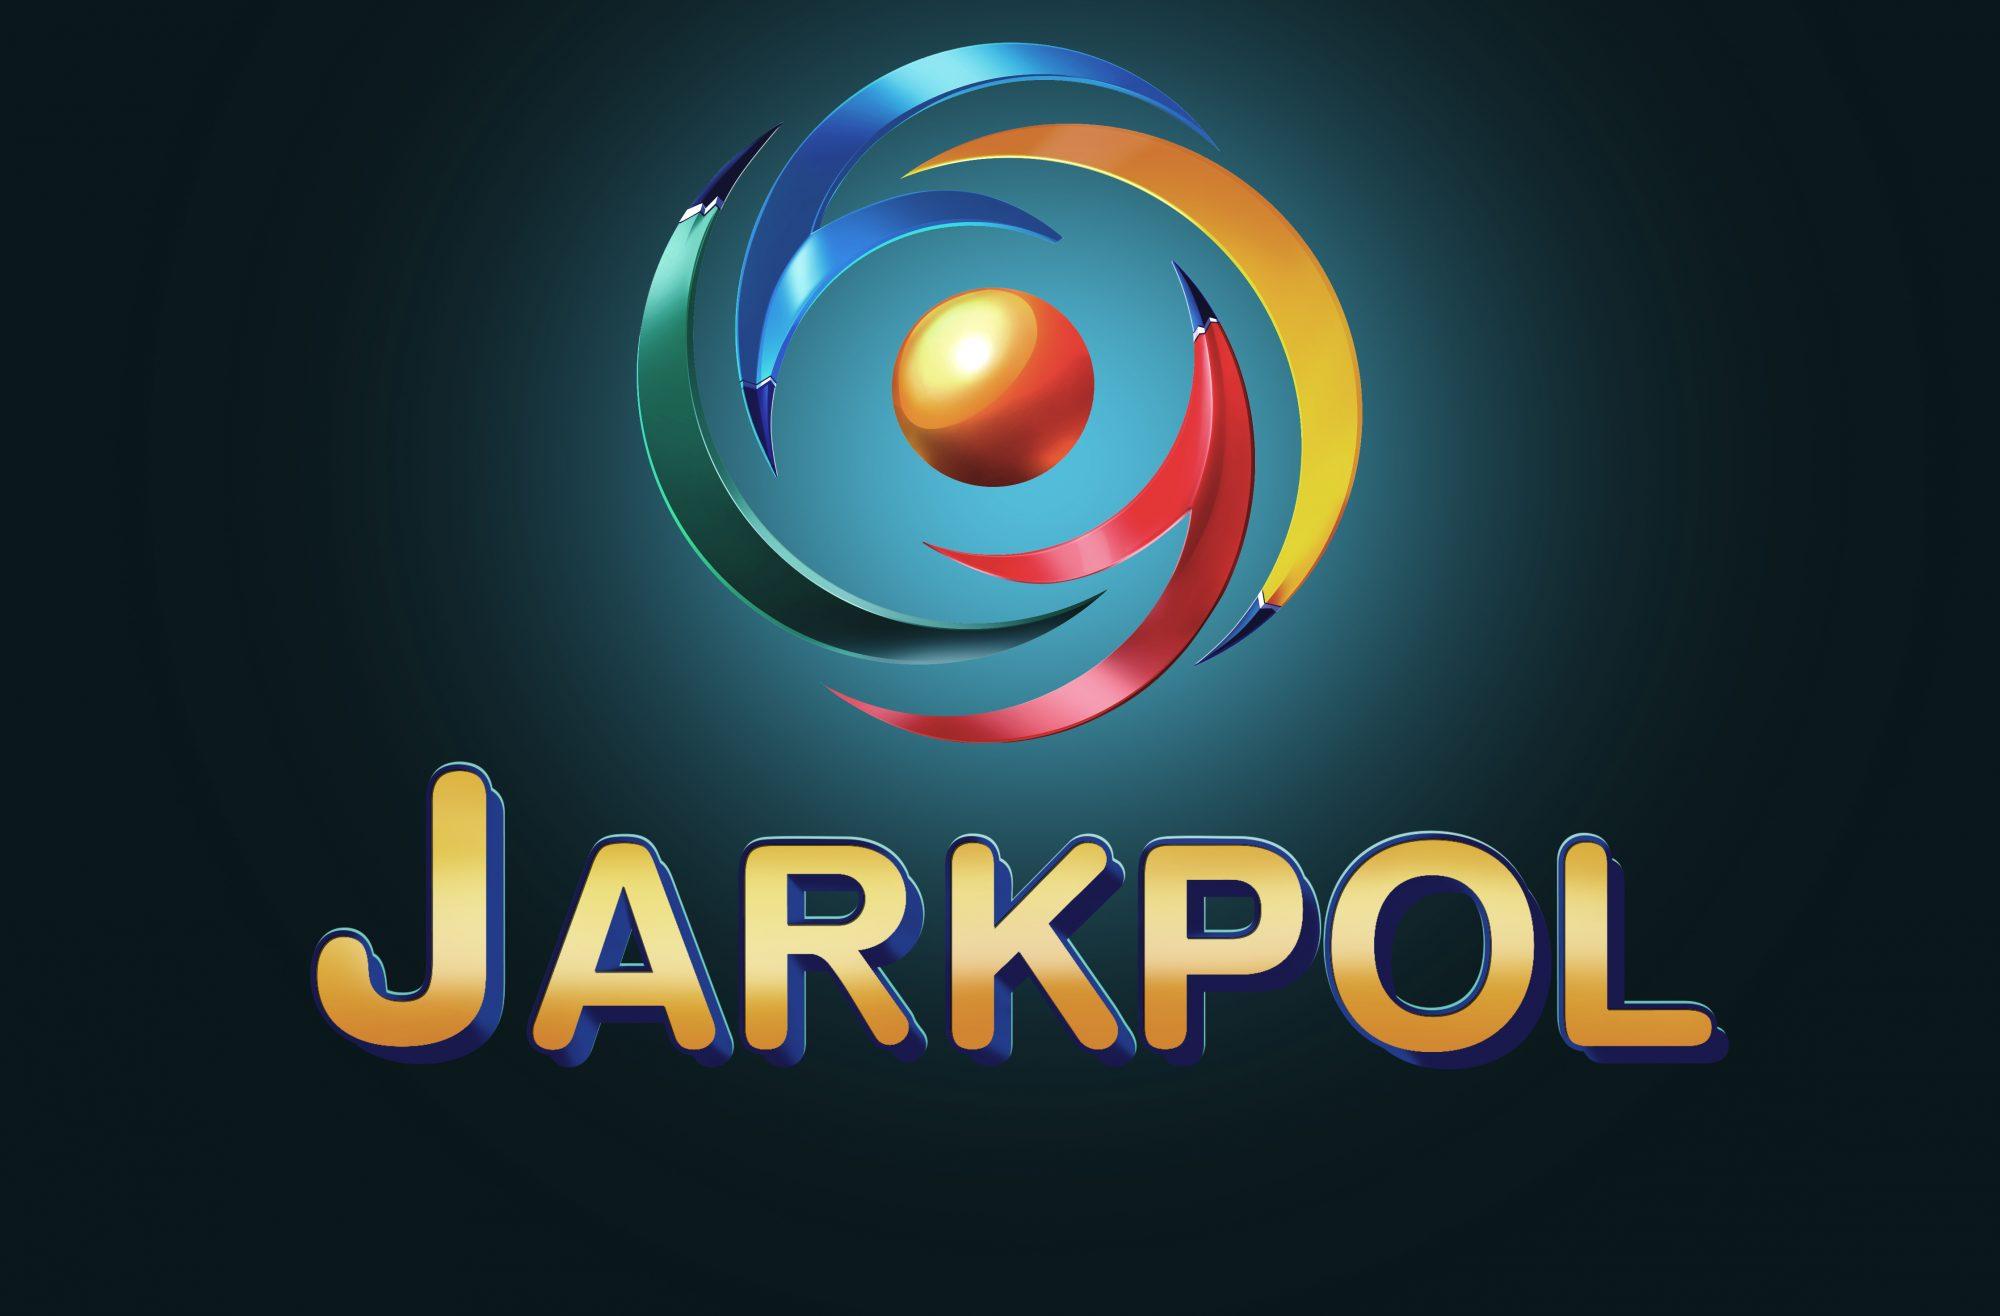 jarkpol.pl